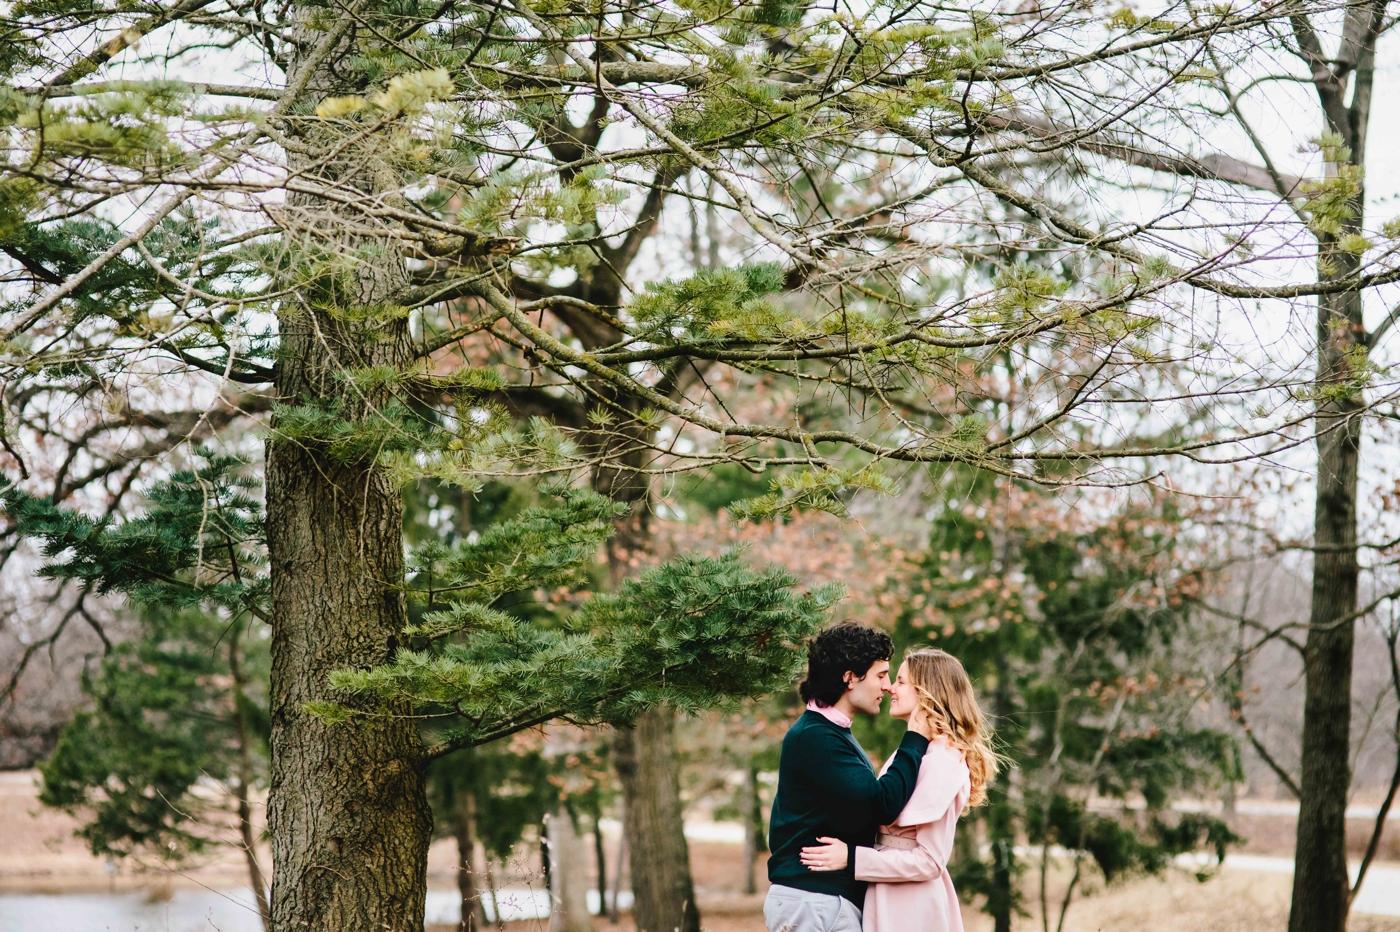 chicago-fine-art-wedding-photography-pauldemitra11